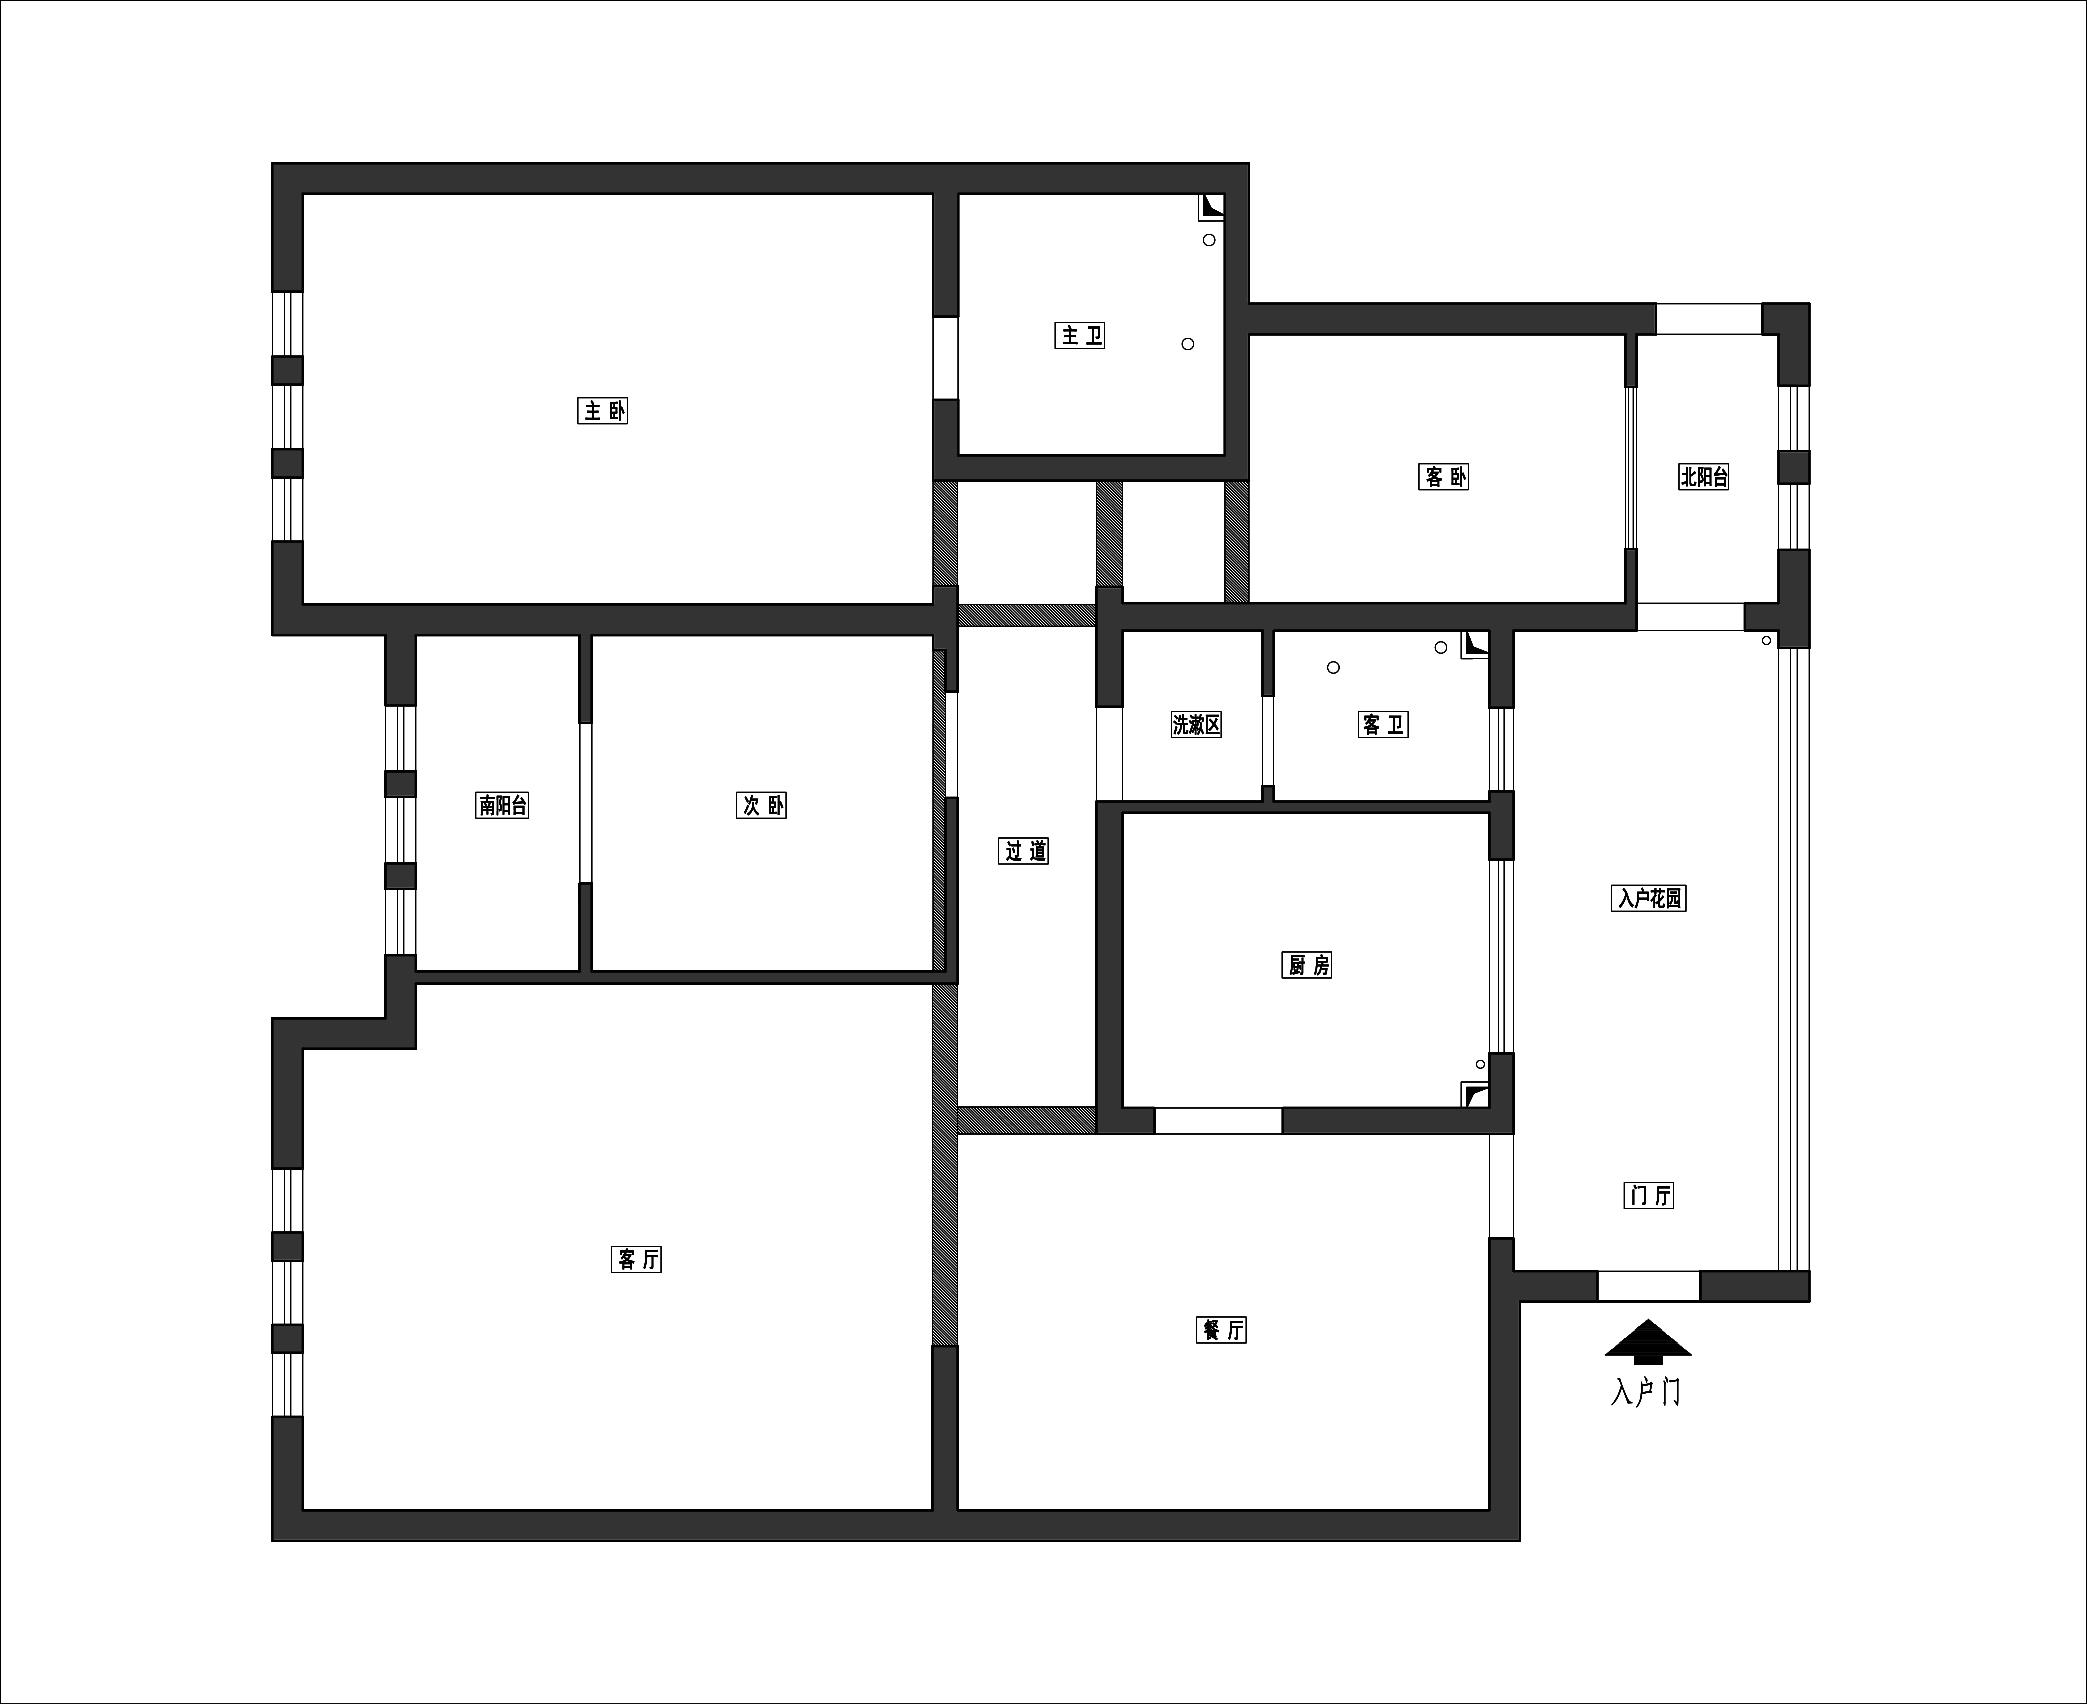 十里洋房-三室二厅-现代简约风格装修案例装修设计理念